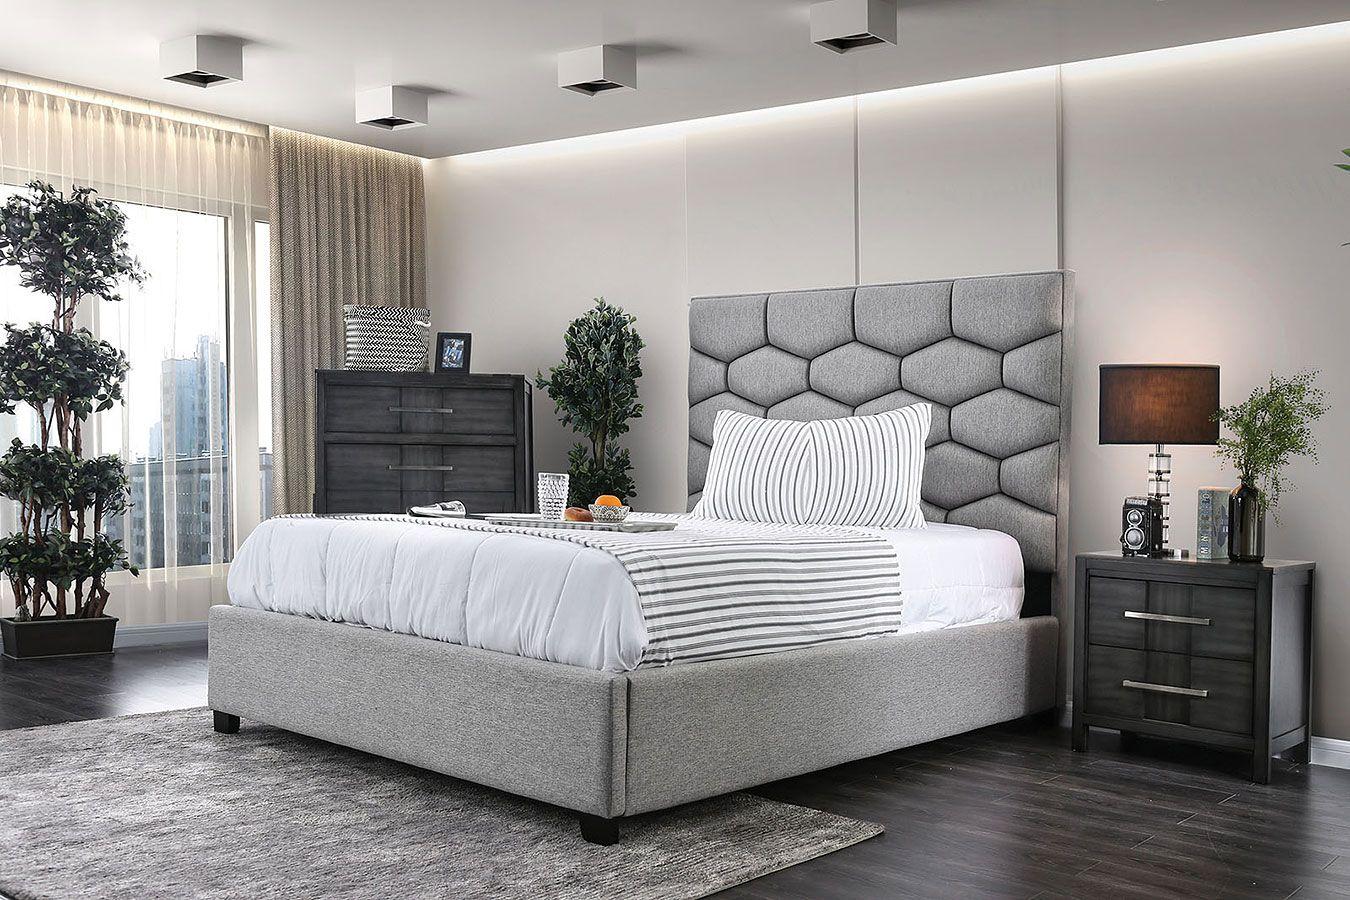 Celestia Upholstered Bedroom Set Upholstered Bedroom Set Upholstered Bedroom Bedroom Furniture